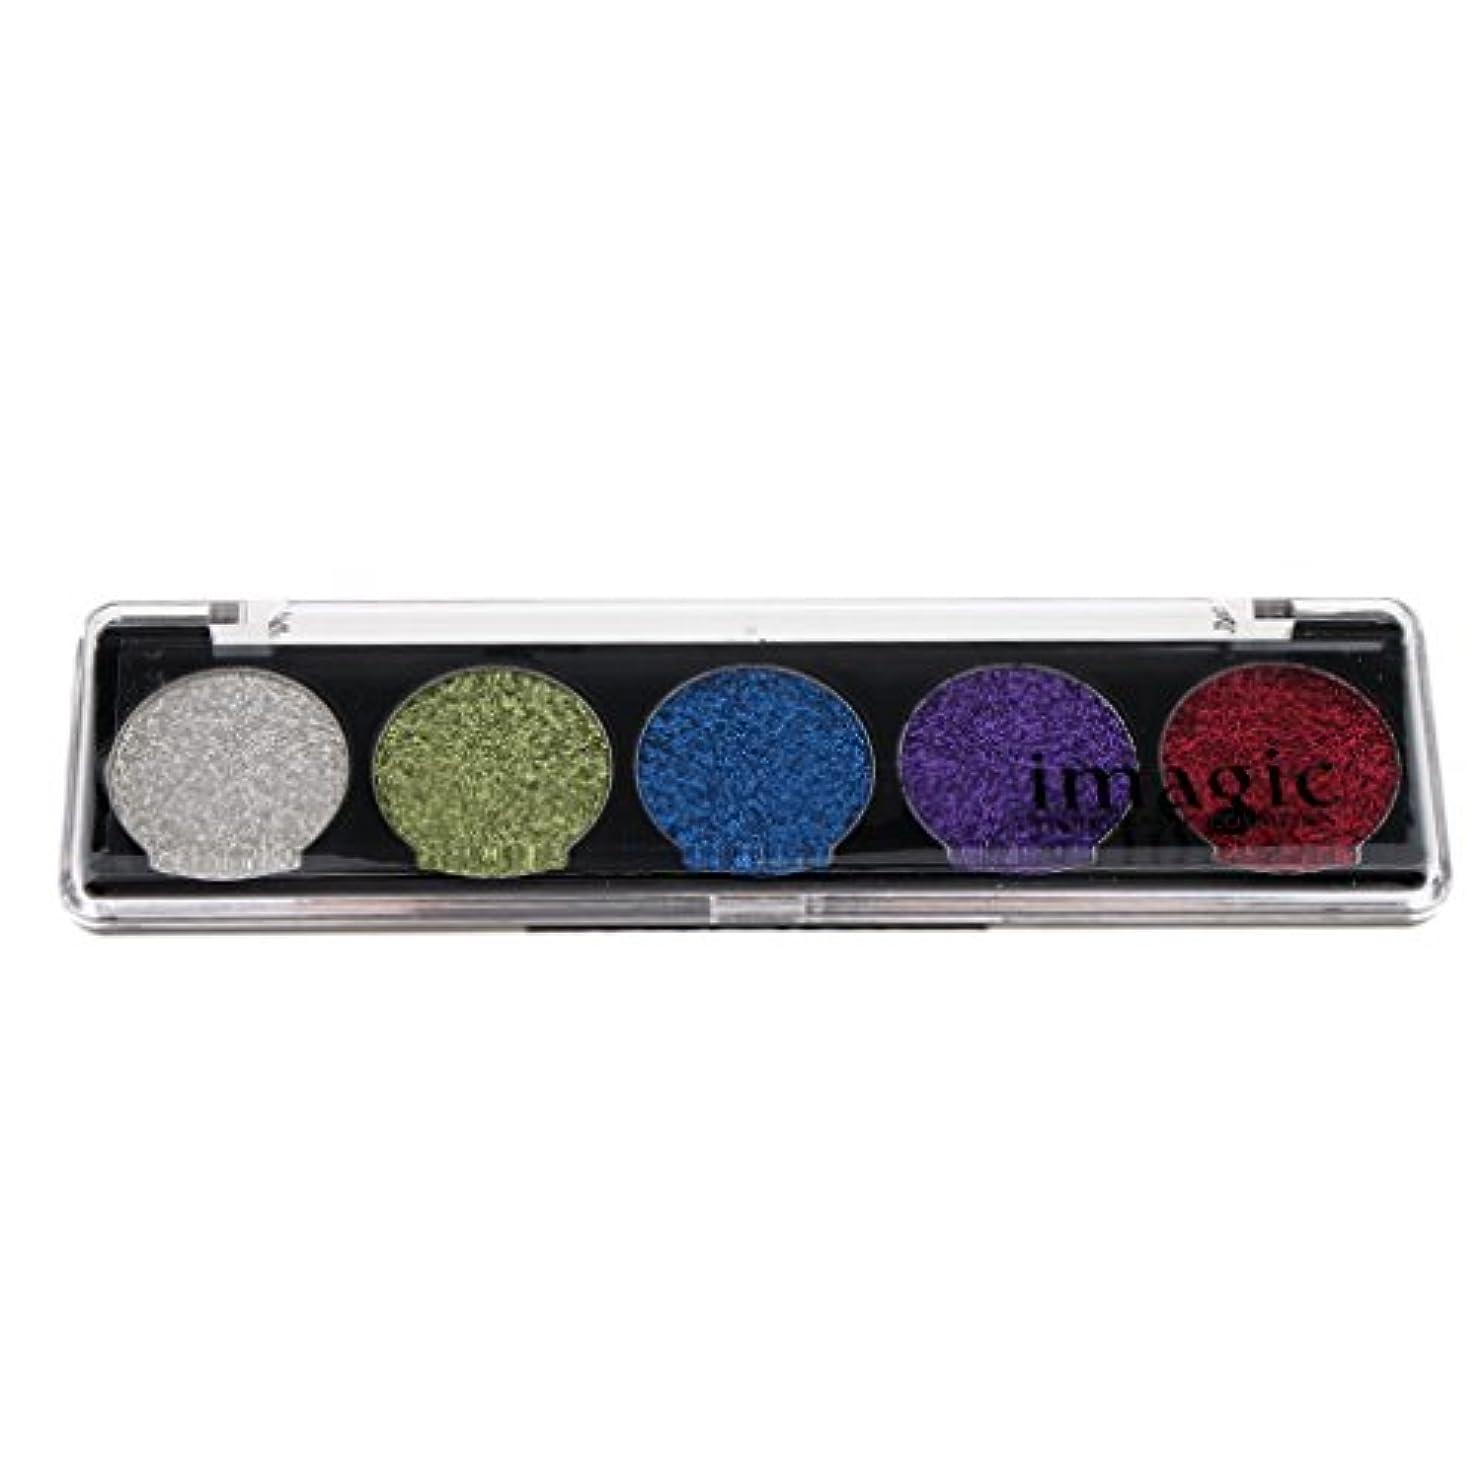 ルームブリード株式化粧パレット アイシャドウ パレット 明るい メイクアップ 長く続き 5色 3タイプ選べる - #03